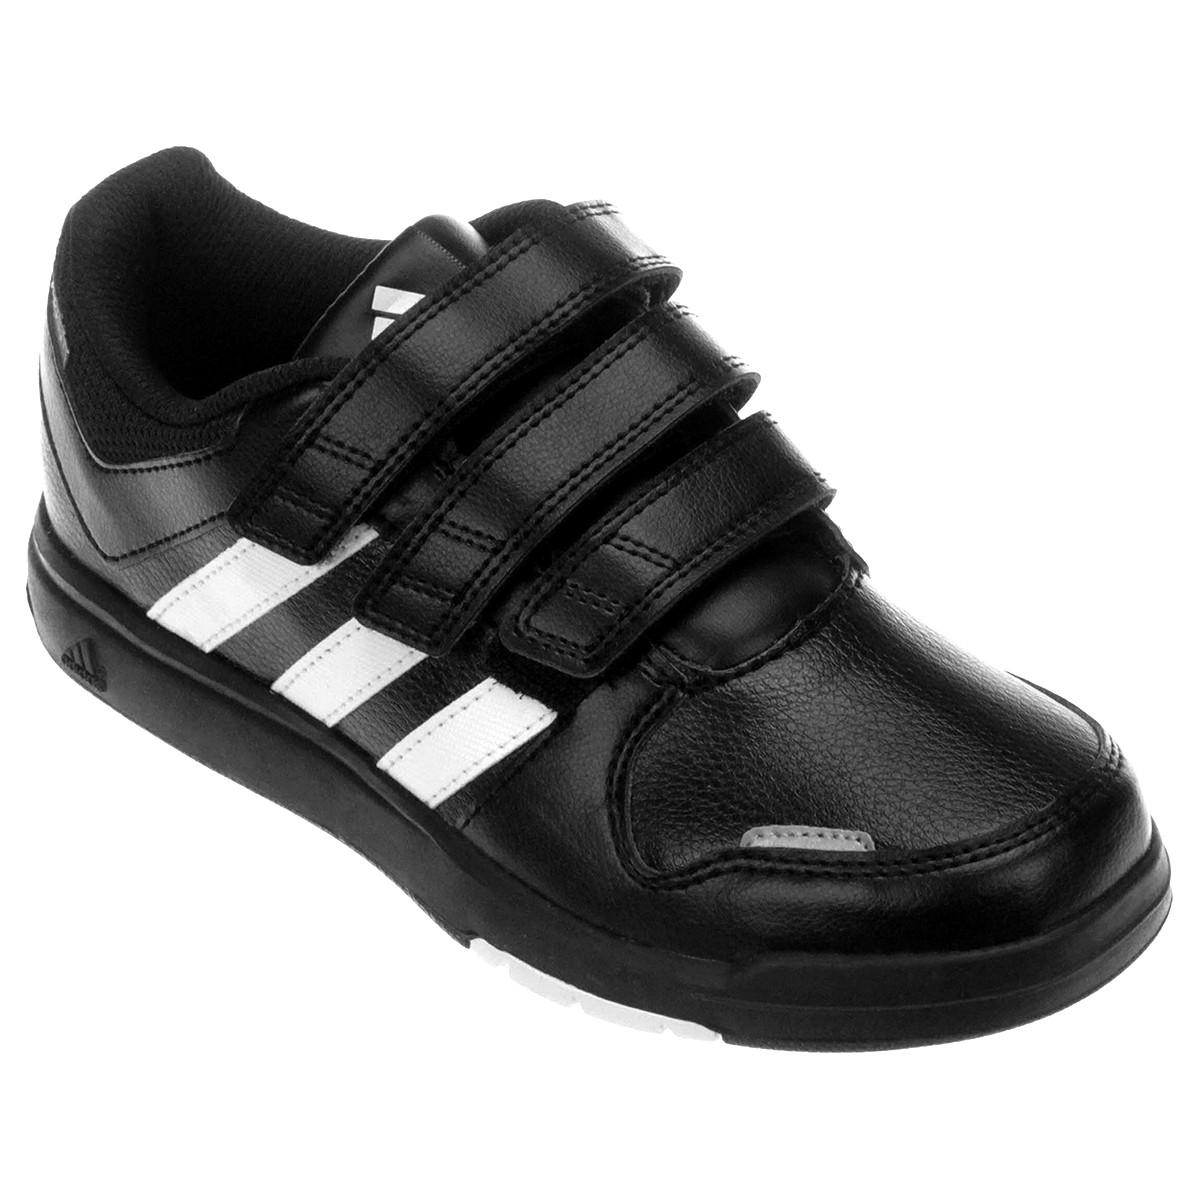 0f4901d47d2 Bizz Store - Tênis Infantil Casual Adidas M20055 lk Trainer 6 k